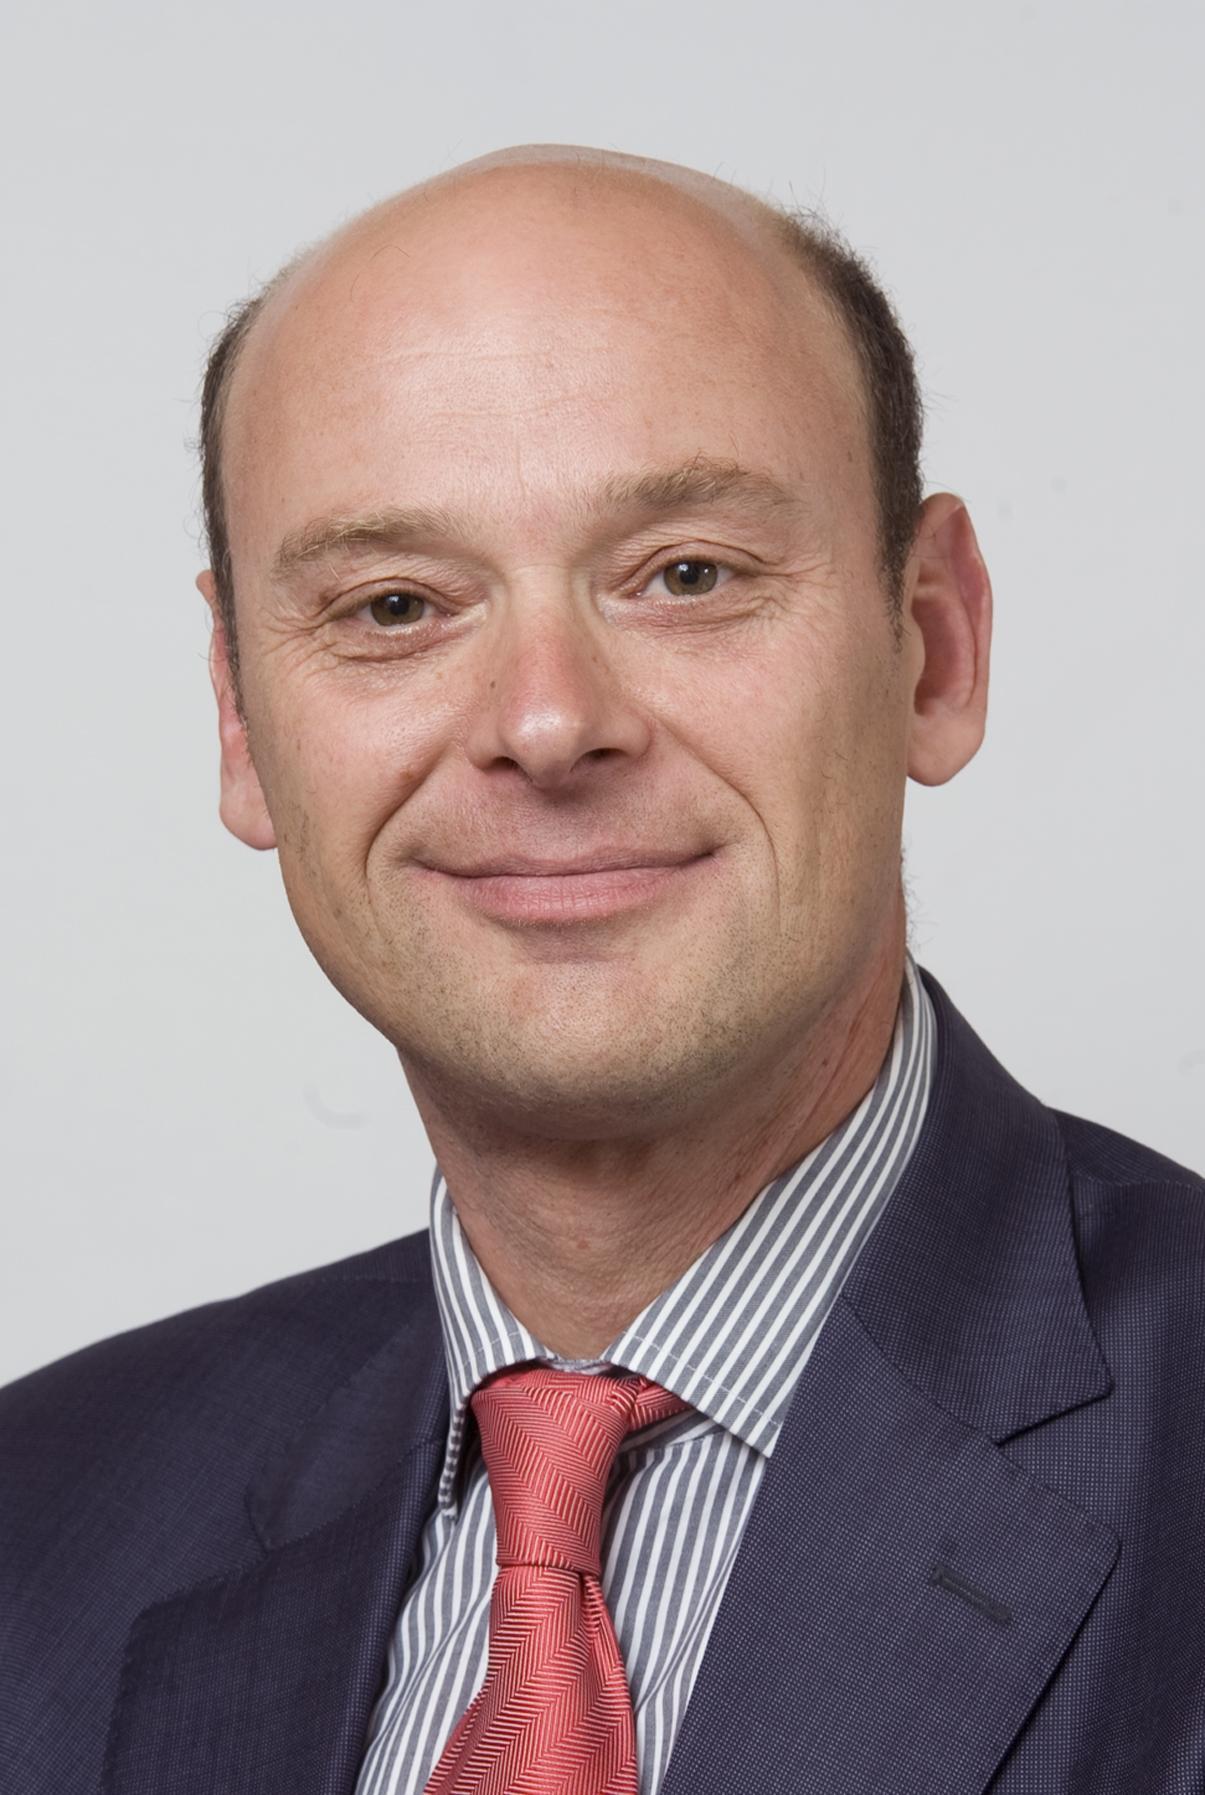 Michael van Woerden